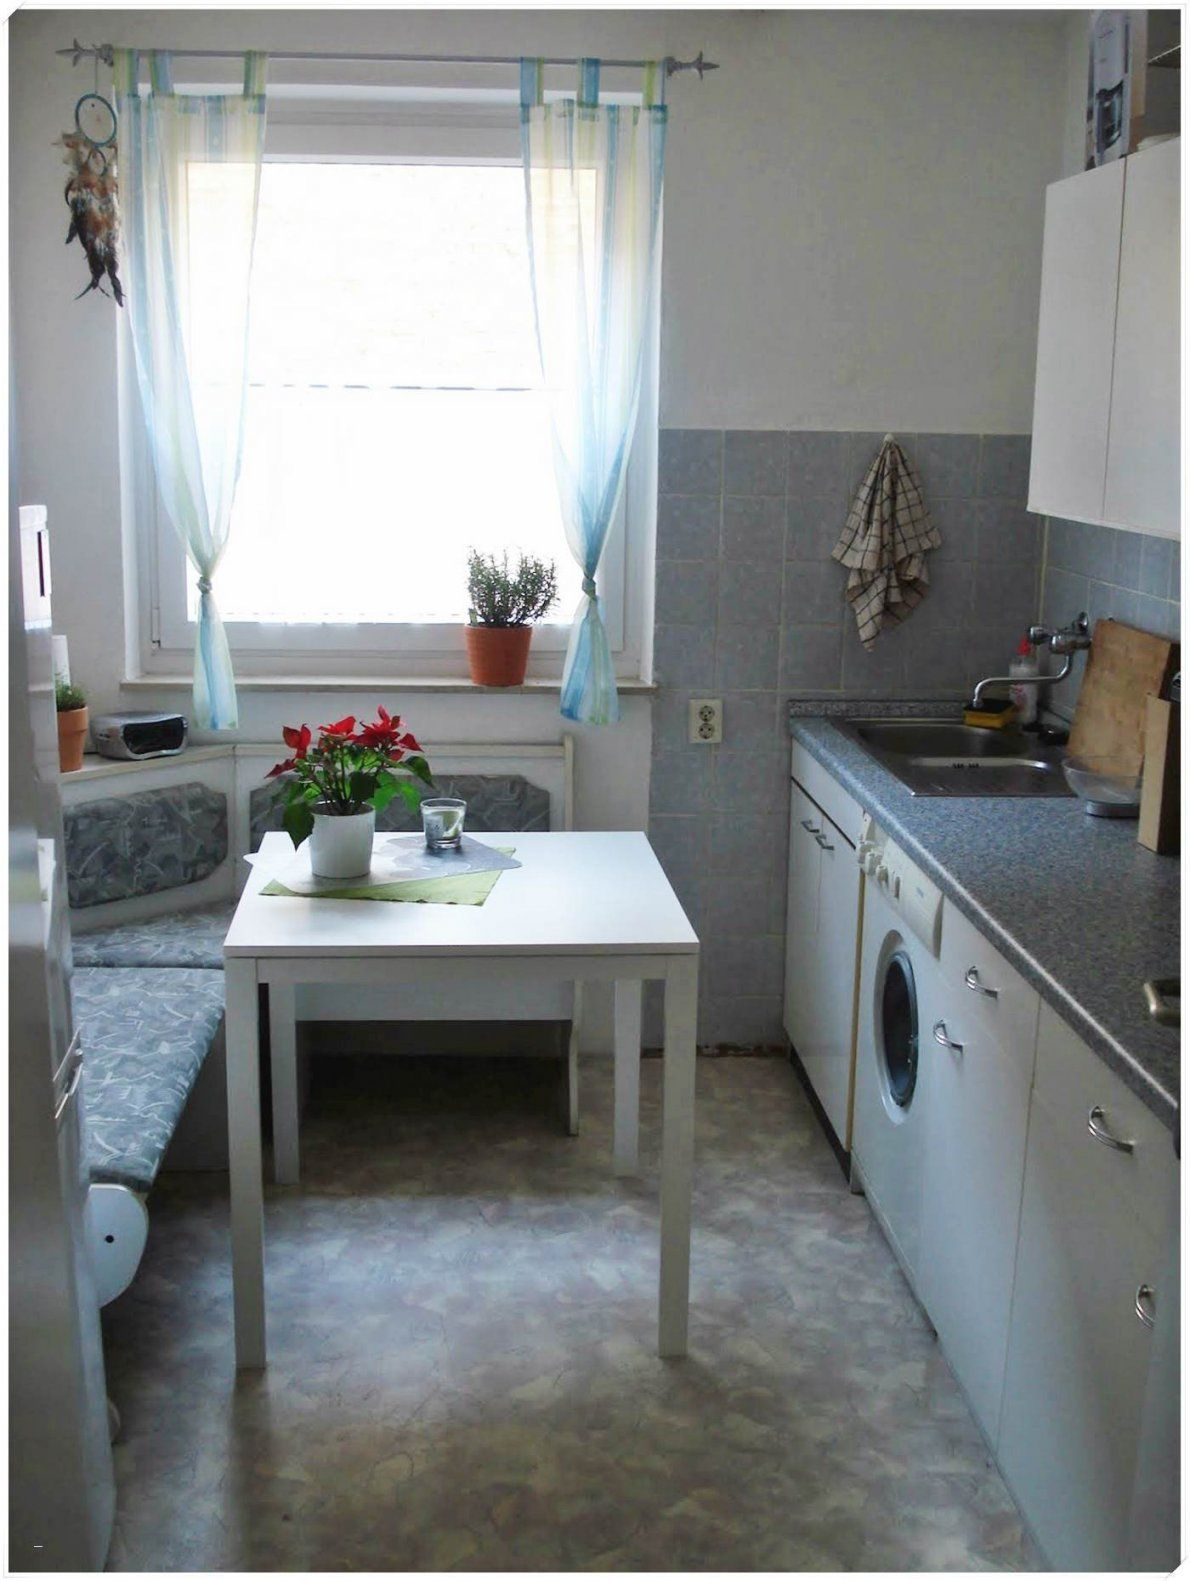 Küche Selber Bauen Beton Elegant Theke In Der Küche Awesome Sehr von Theke Küche Selber Bauen Bild